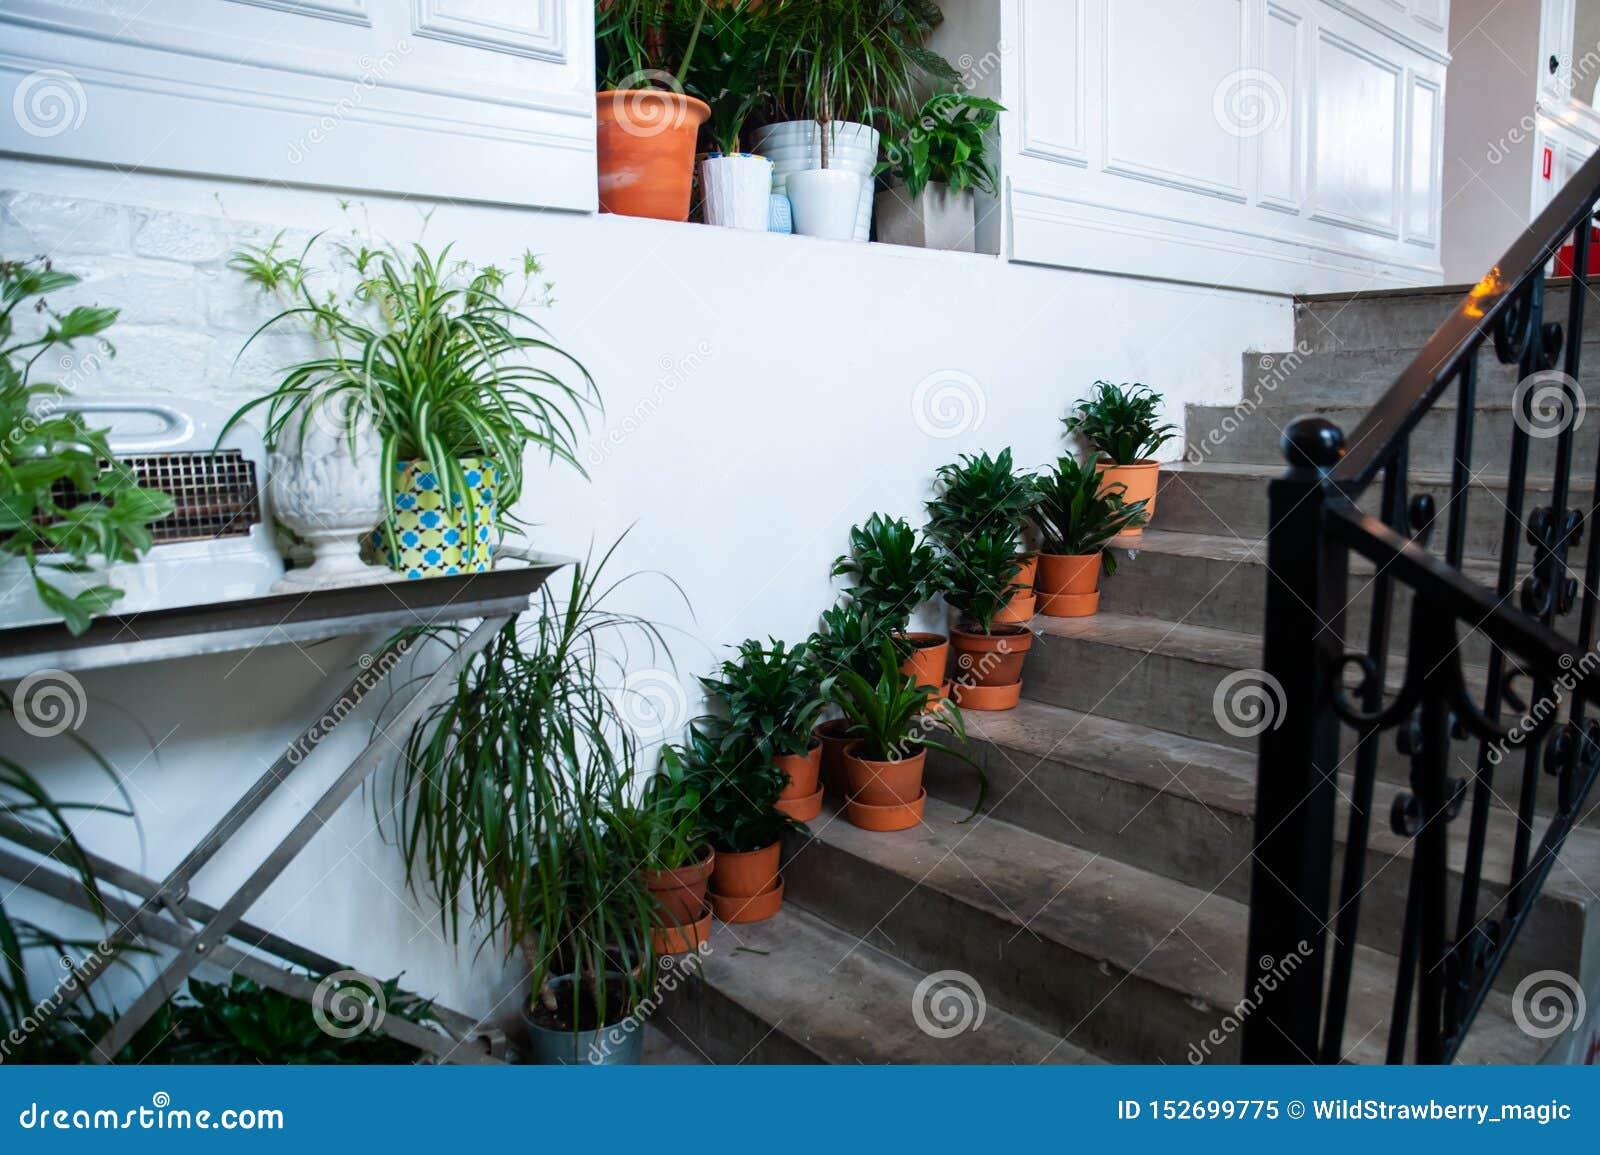 Lade in växter på trappan, stilfull dekor